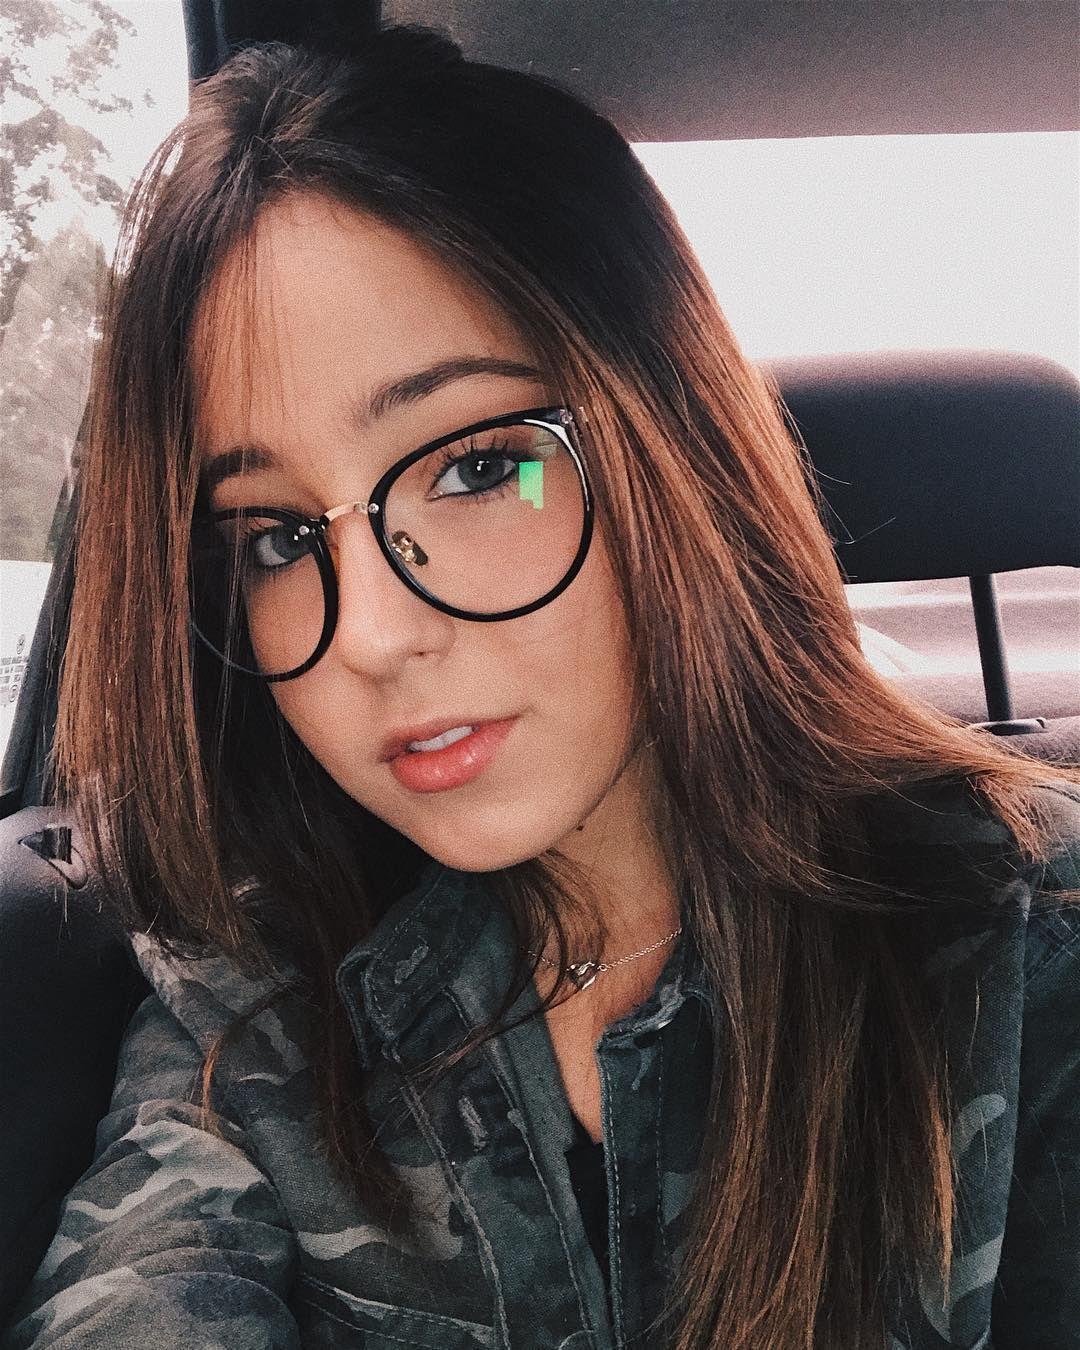 """174.7 mil curtidas, 1,360 comentários - Mharessa Fernanda  ( mharessa oficial) no Instagram  """"stay one step ahead"""" 6f8ce46ac3"""